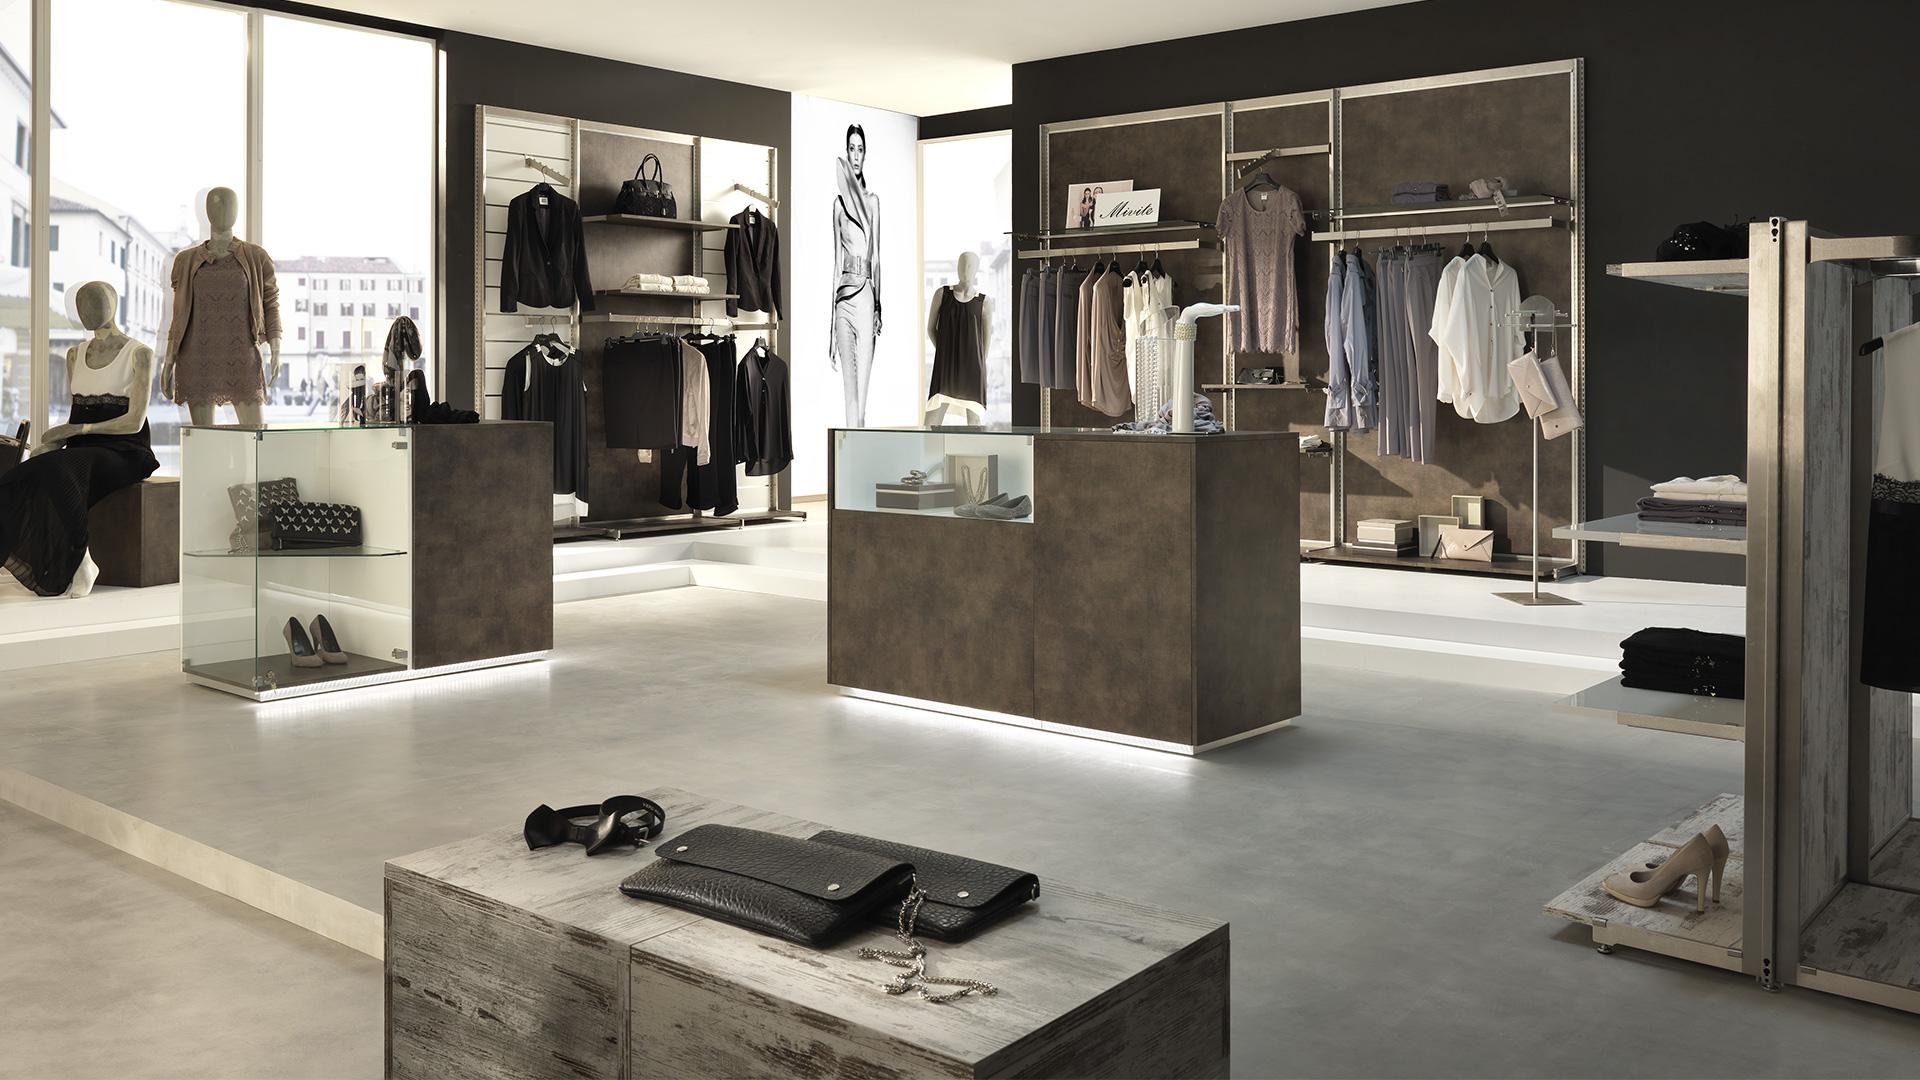 Arken ambiente abbigliamento contract gambula arredamenti